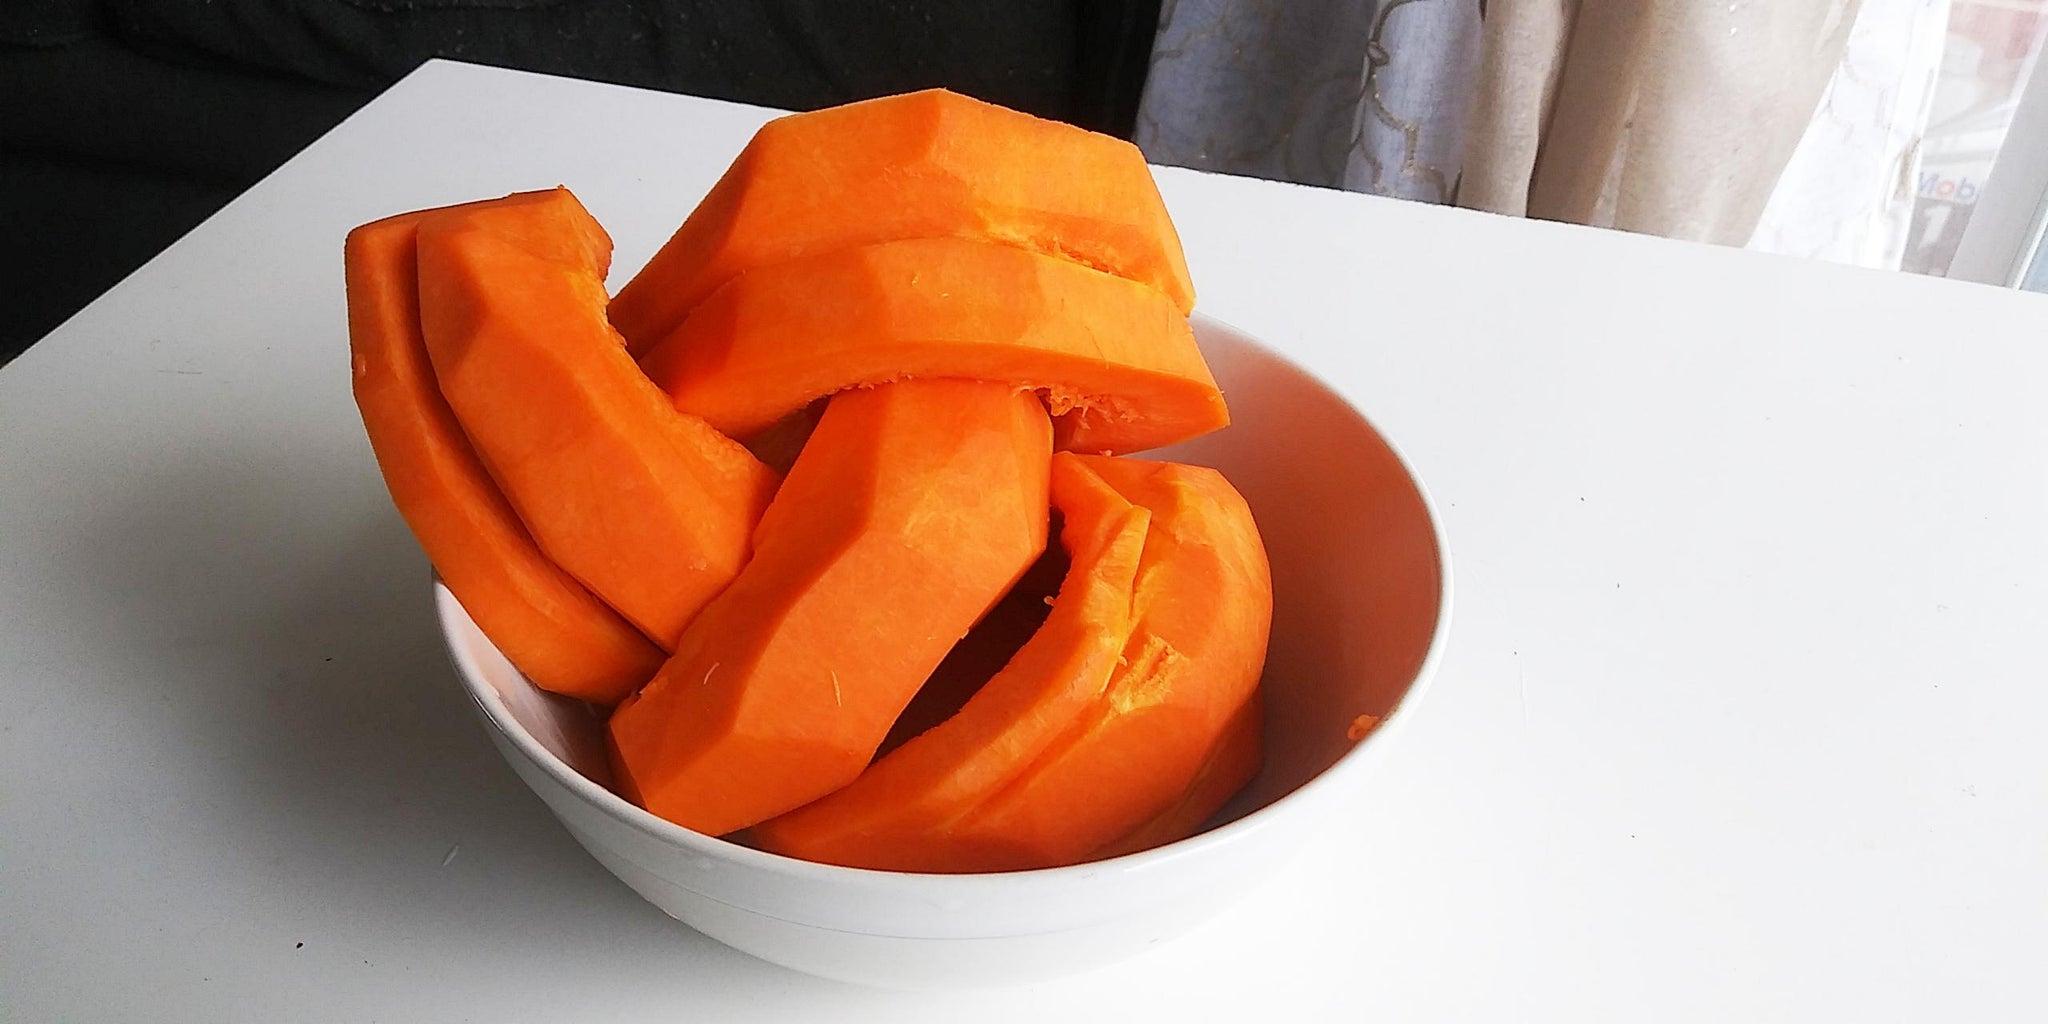 Let's Talk About Pumpkin..